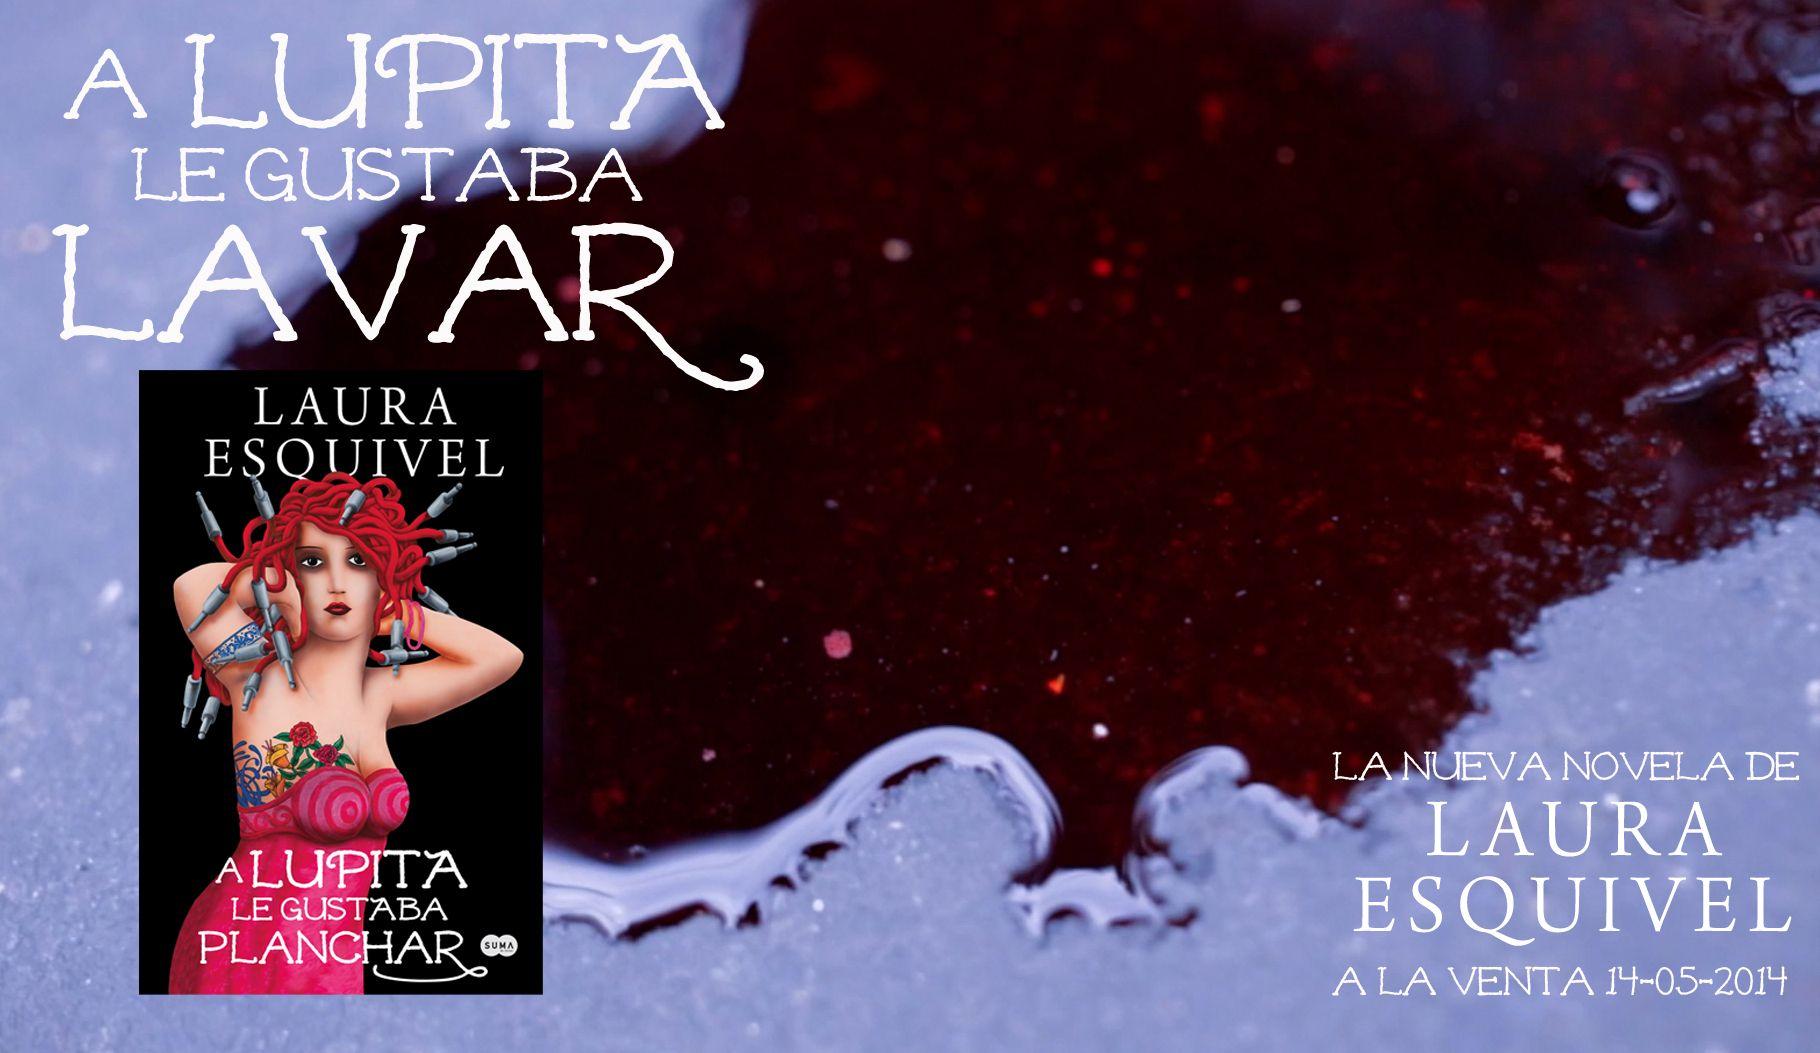 Laura Esquivel Presenta Su Nueva Novela Alupitalegustabaplanchar Aquí Les Dejamos El Enlace A Itunes Donde Lo Pueden Comprar Htt Movie Posters Movies Poster